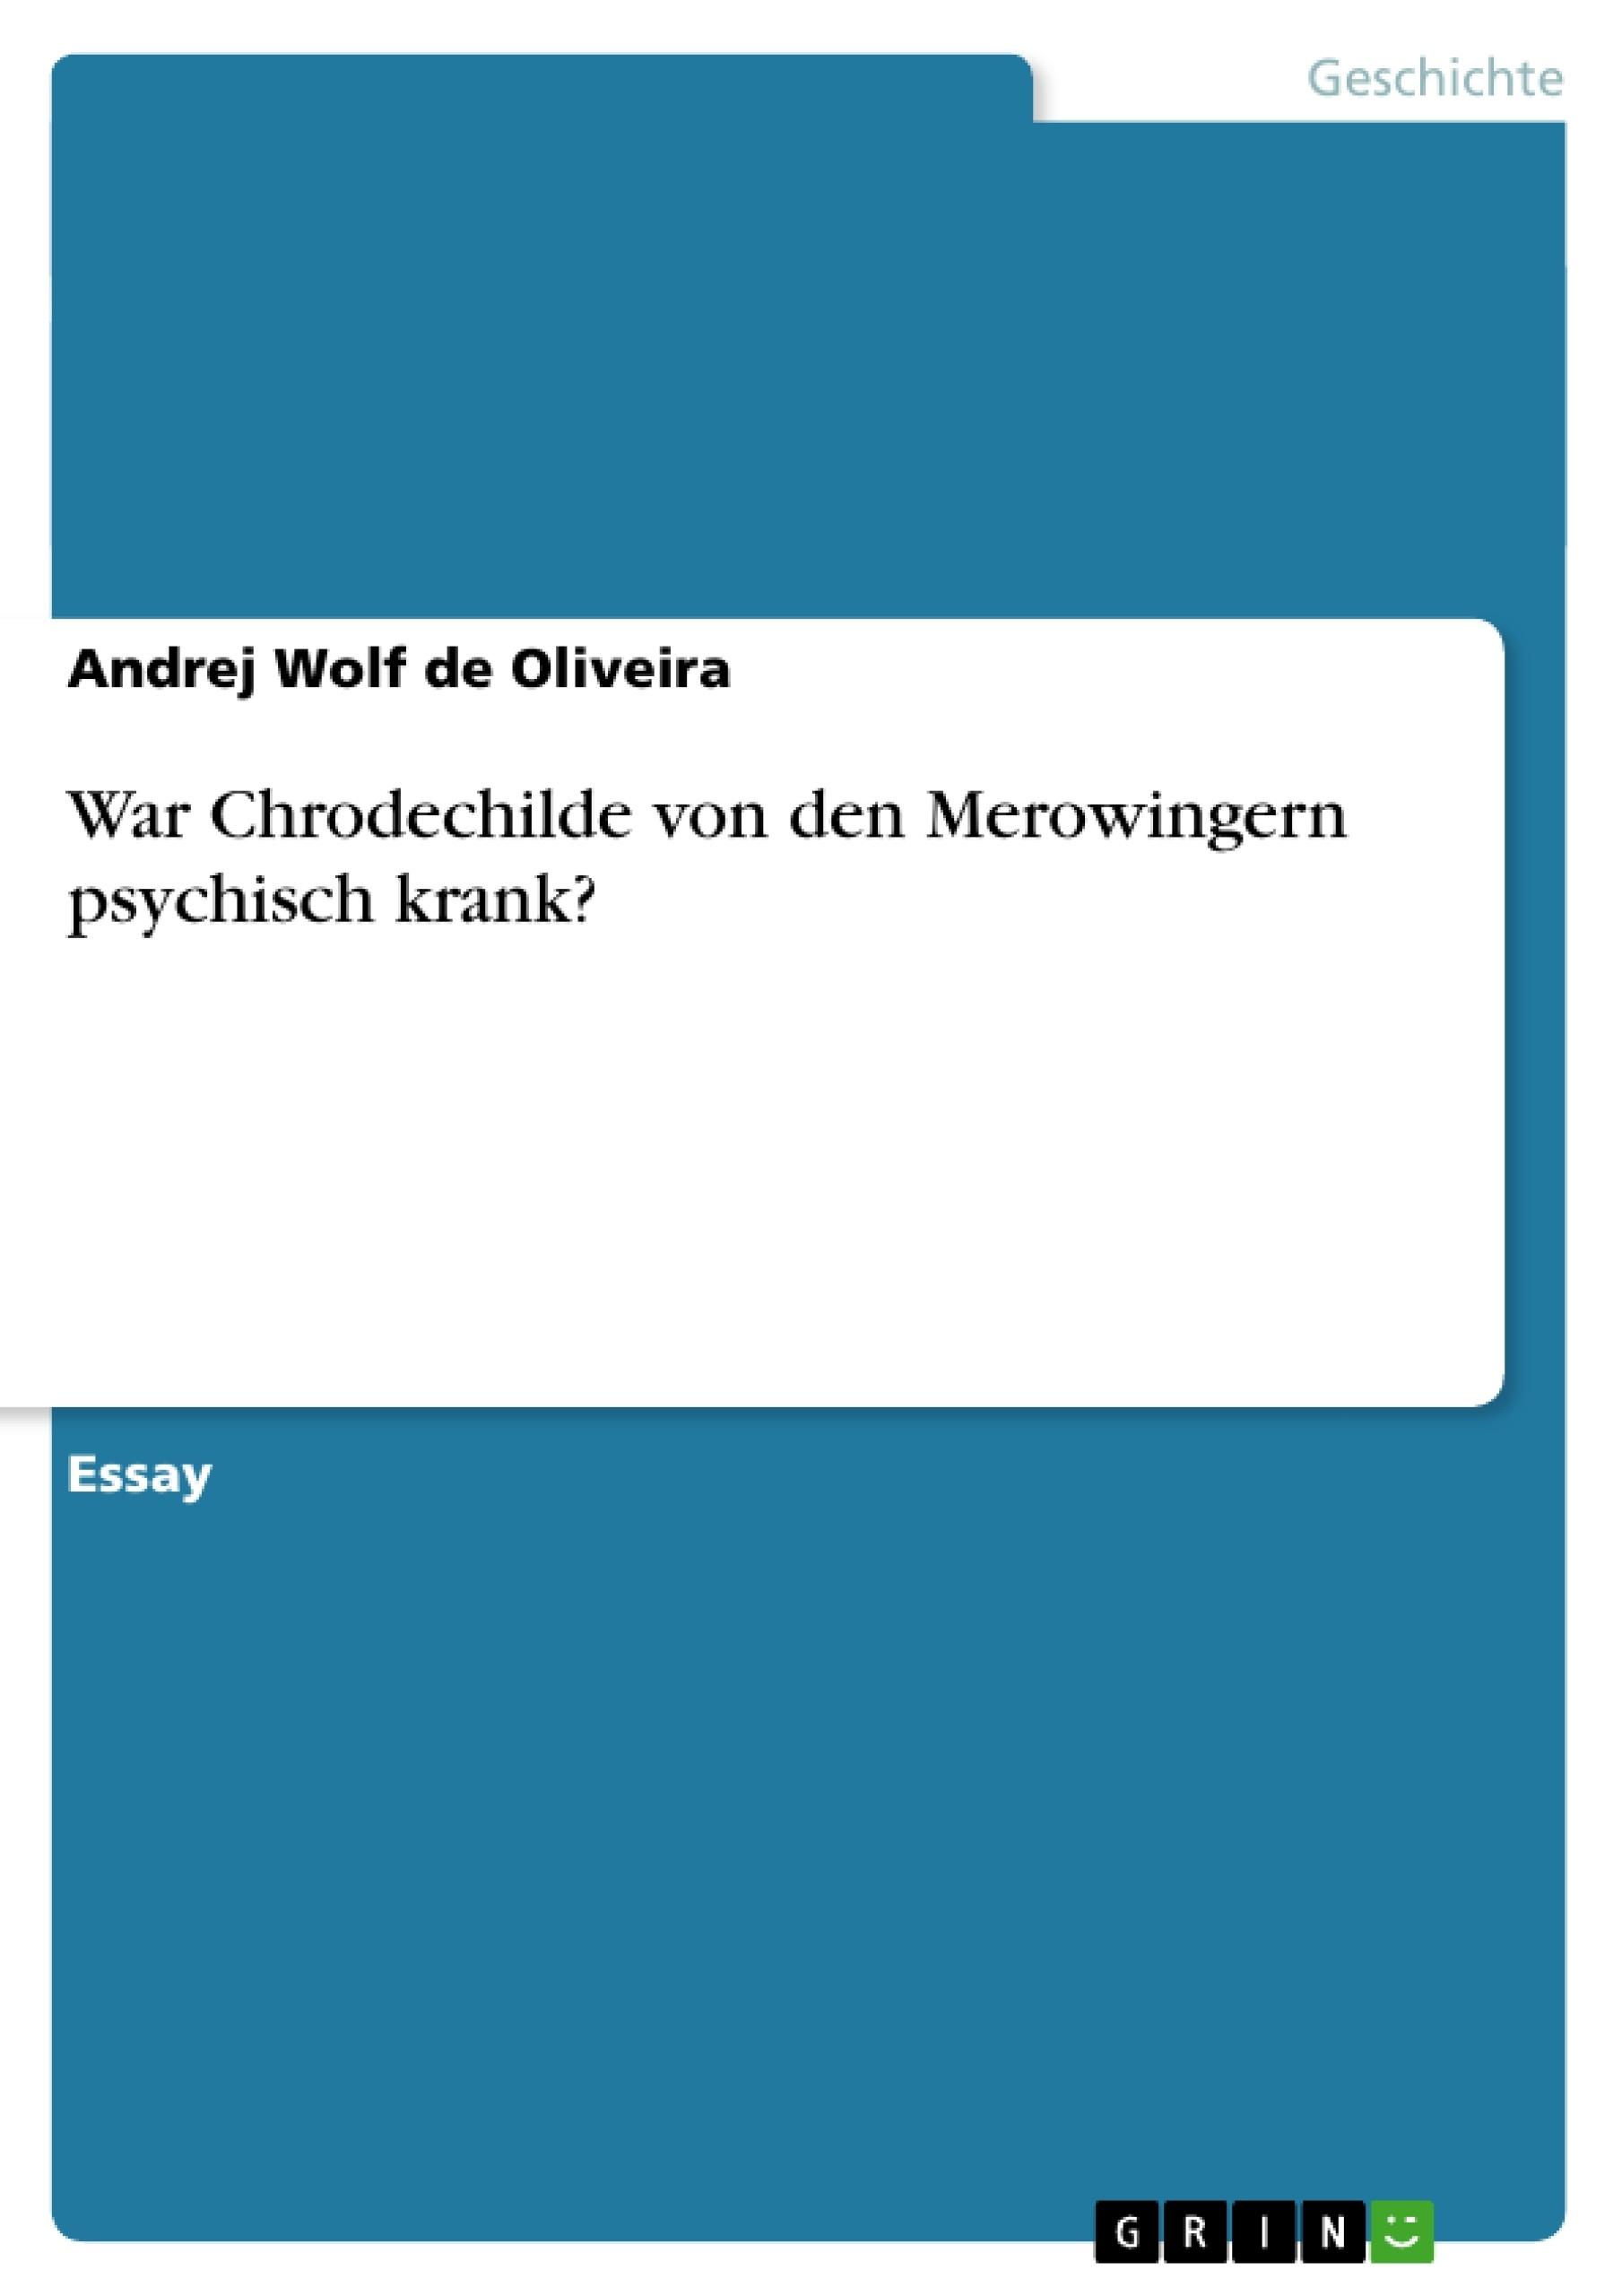 Titel: War Chrodechilde von den Merowingern psychisch krank?